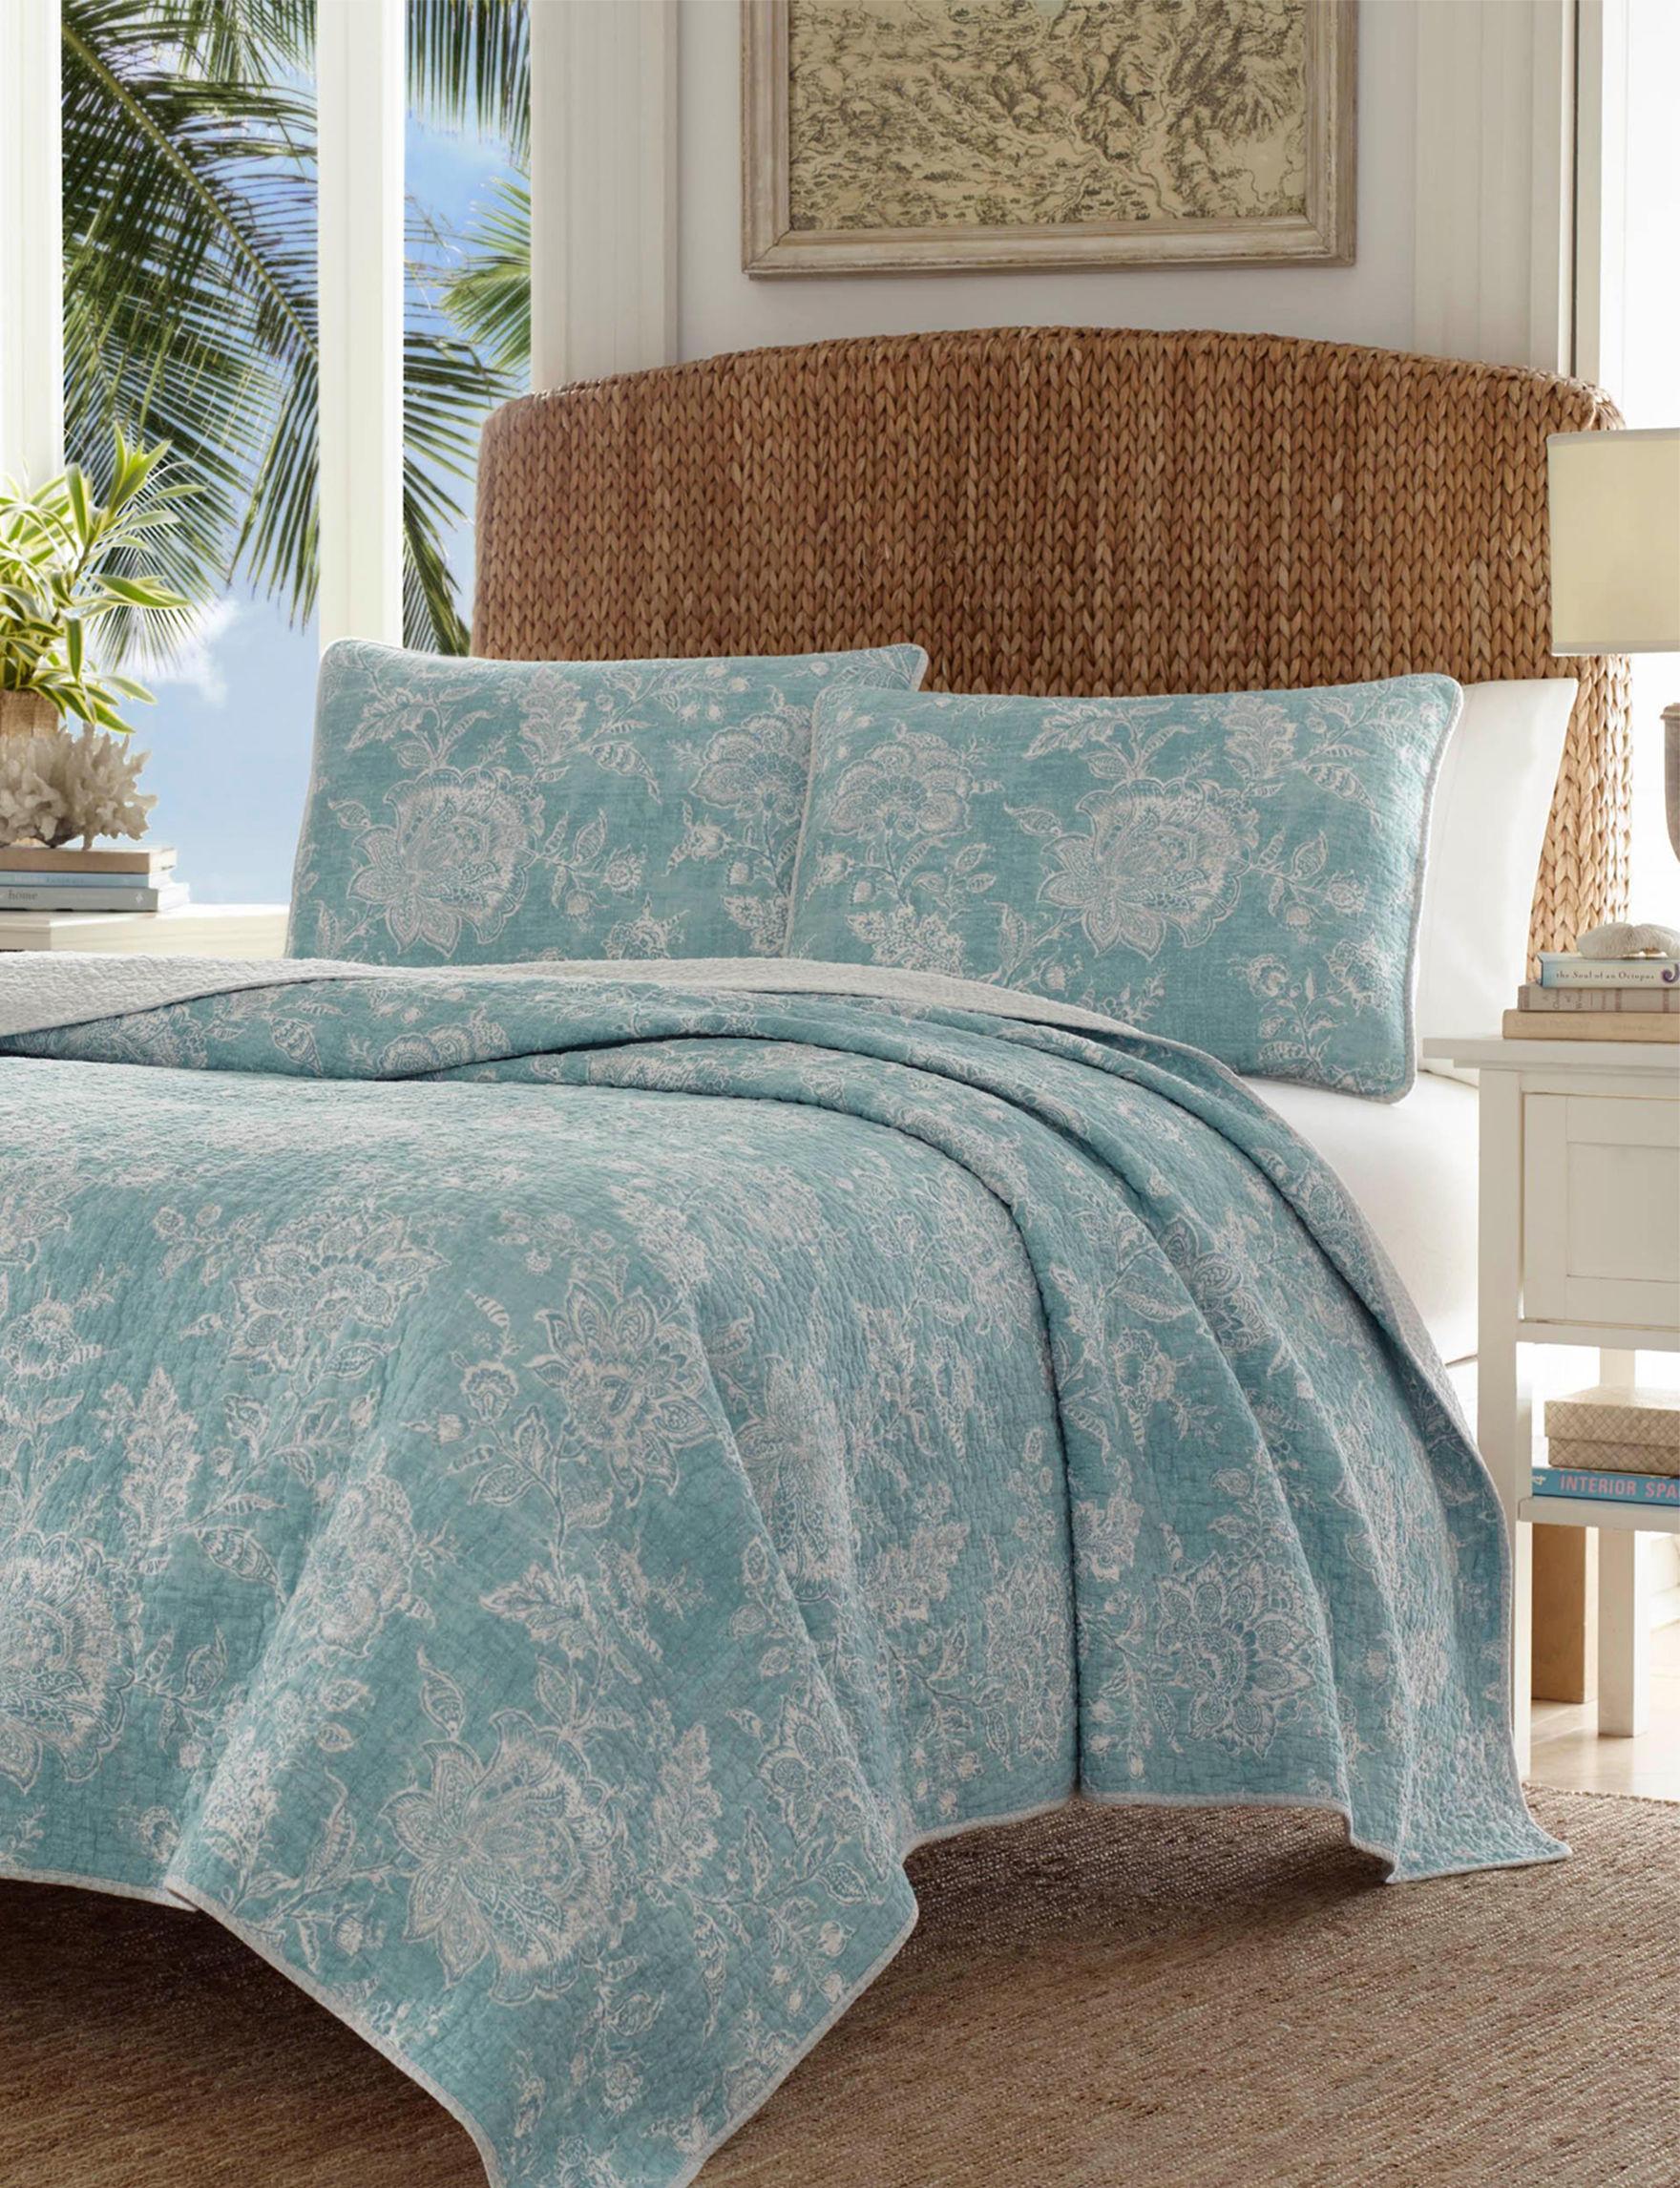 Tommy Bahama Aqua Quilts & Quilt Sets